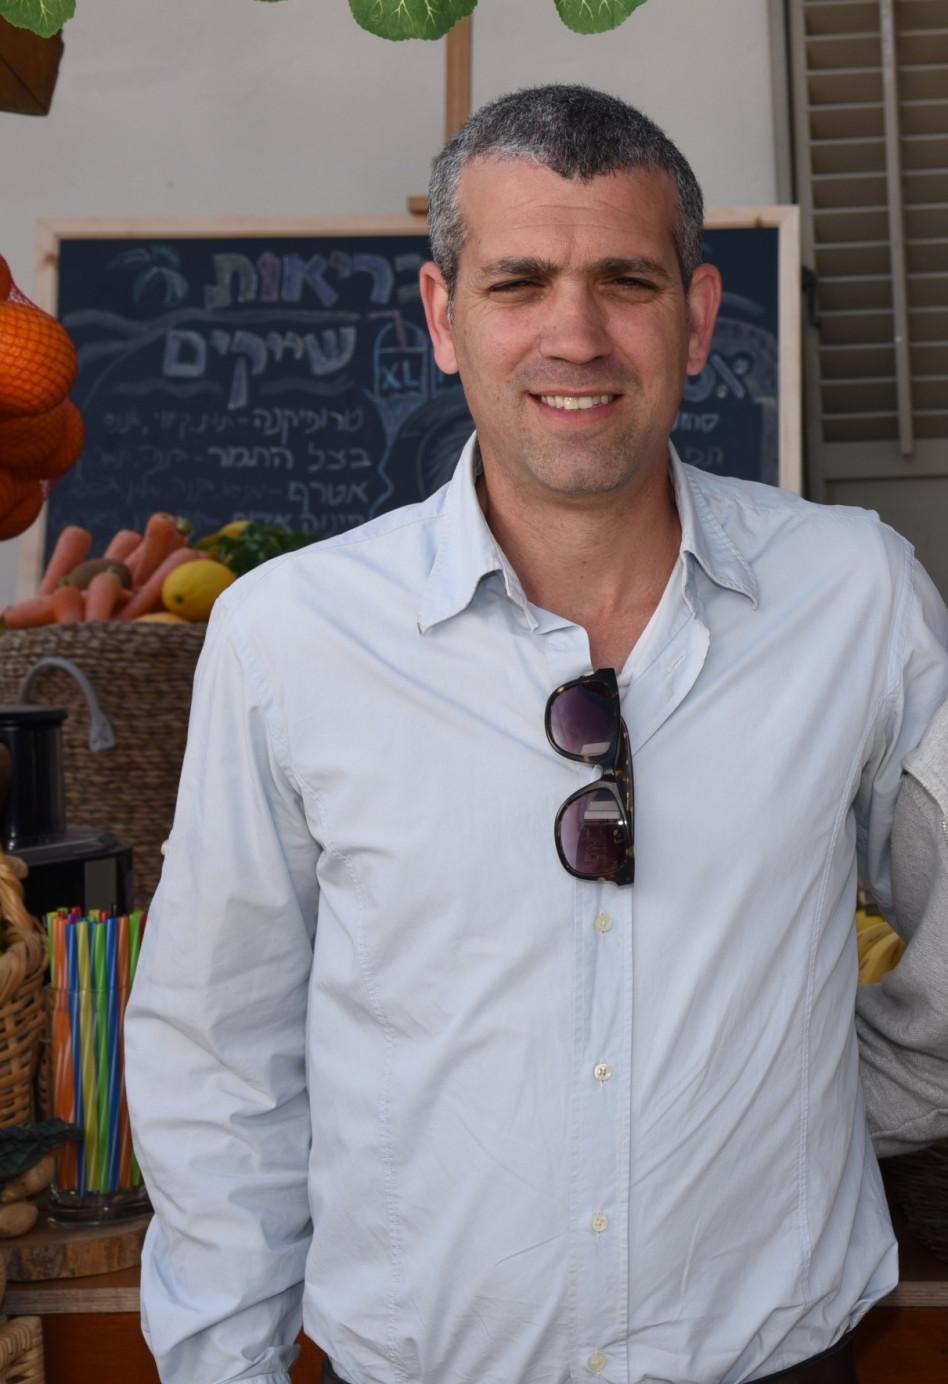 עידו יניב (צילום: דודו יצחק)